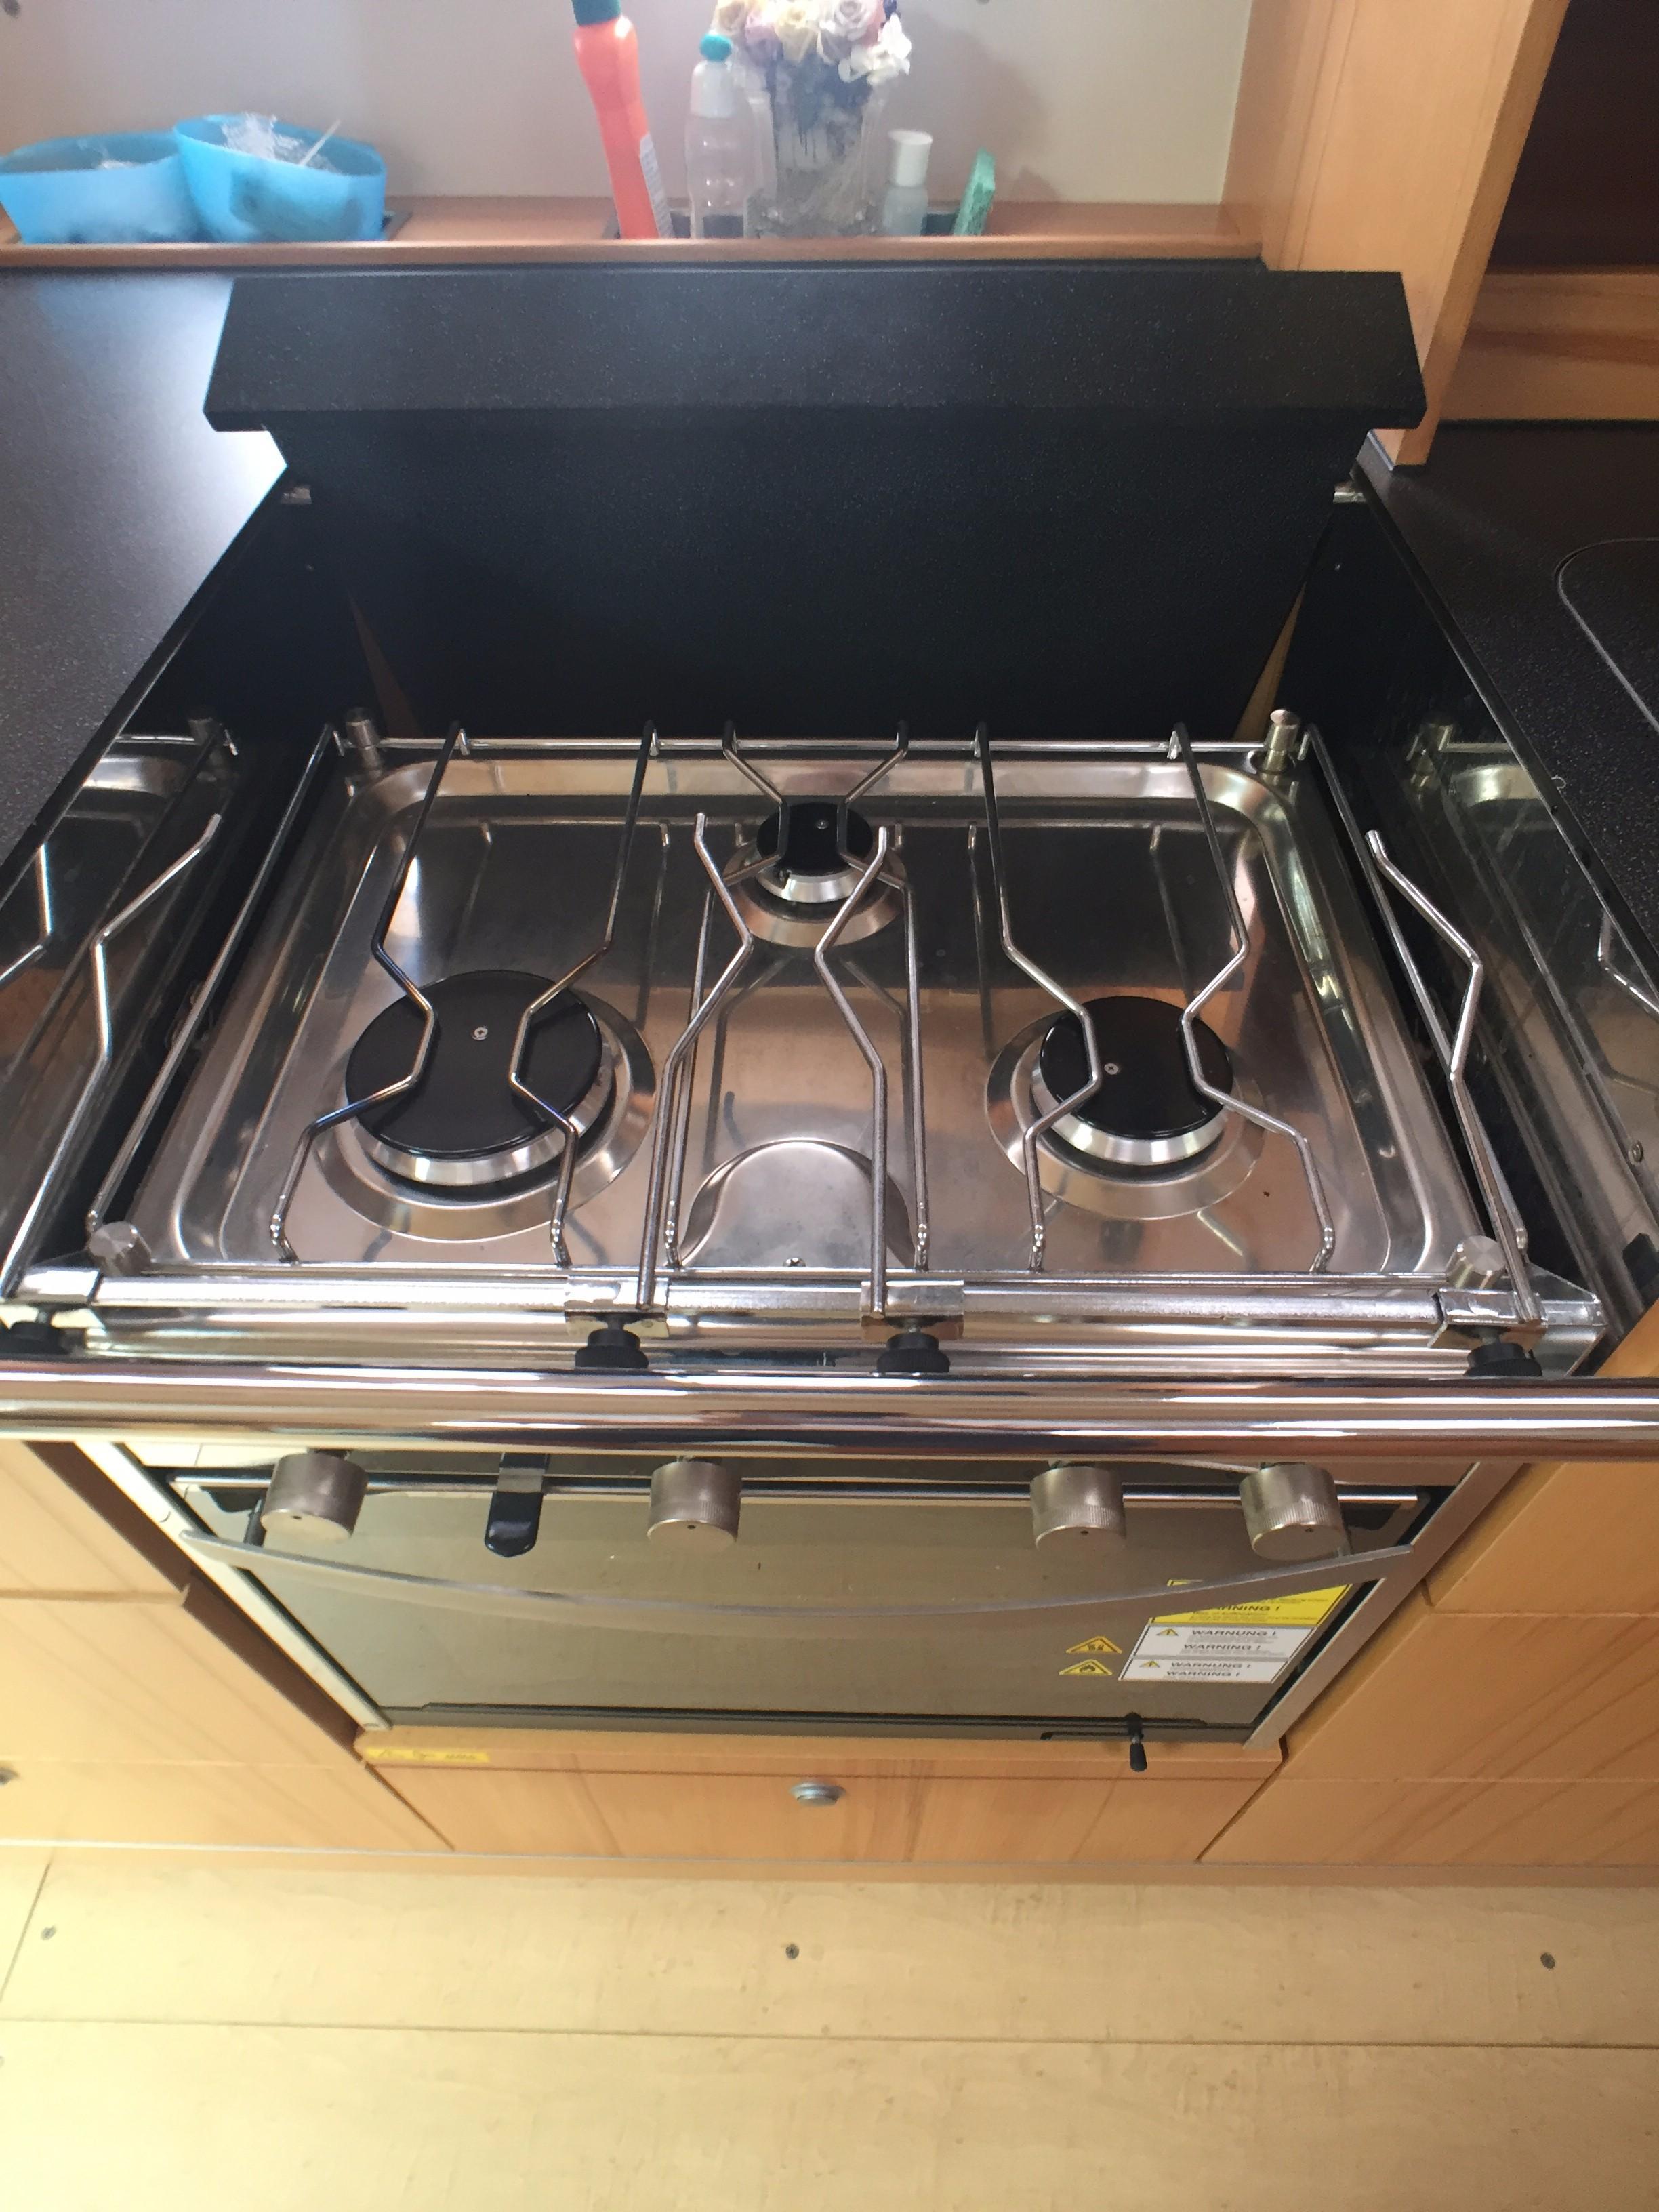 Hanse 495 -- 3-burner Hob & Oven